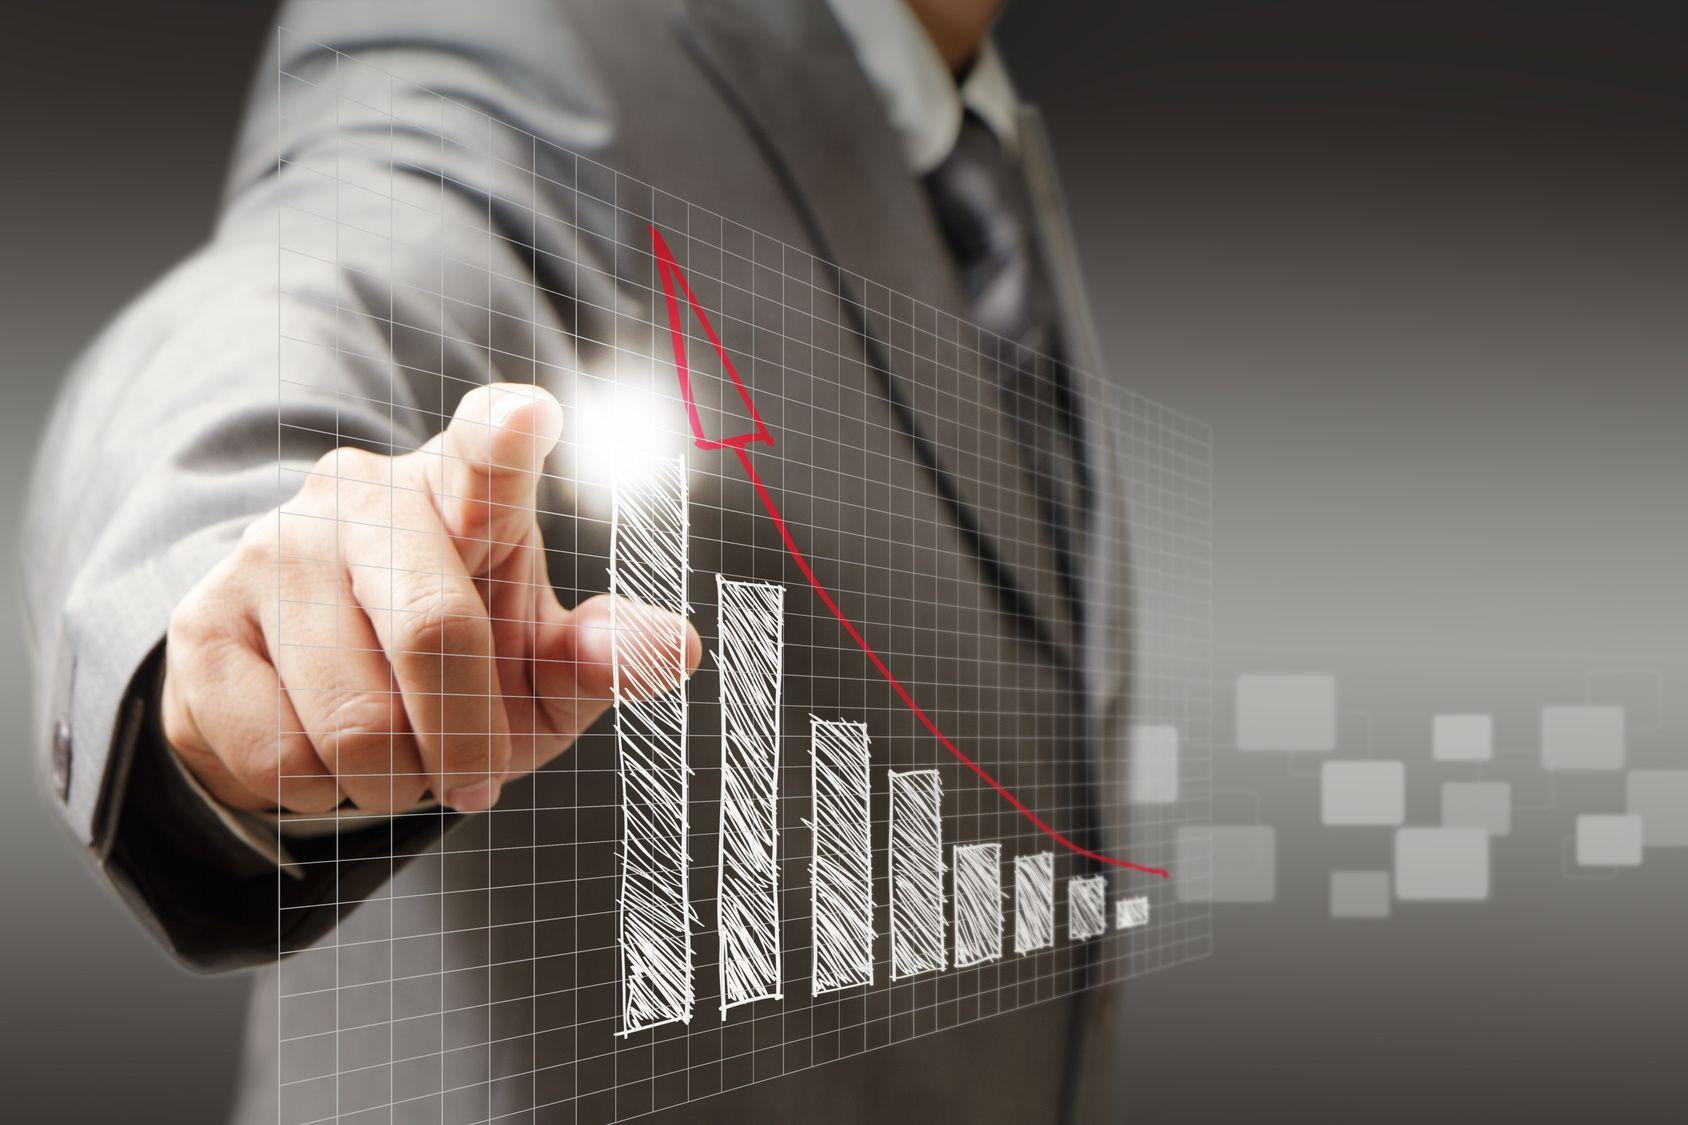 晨报:互金机构将纳入征信|2月信贷结构持续改善